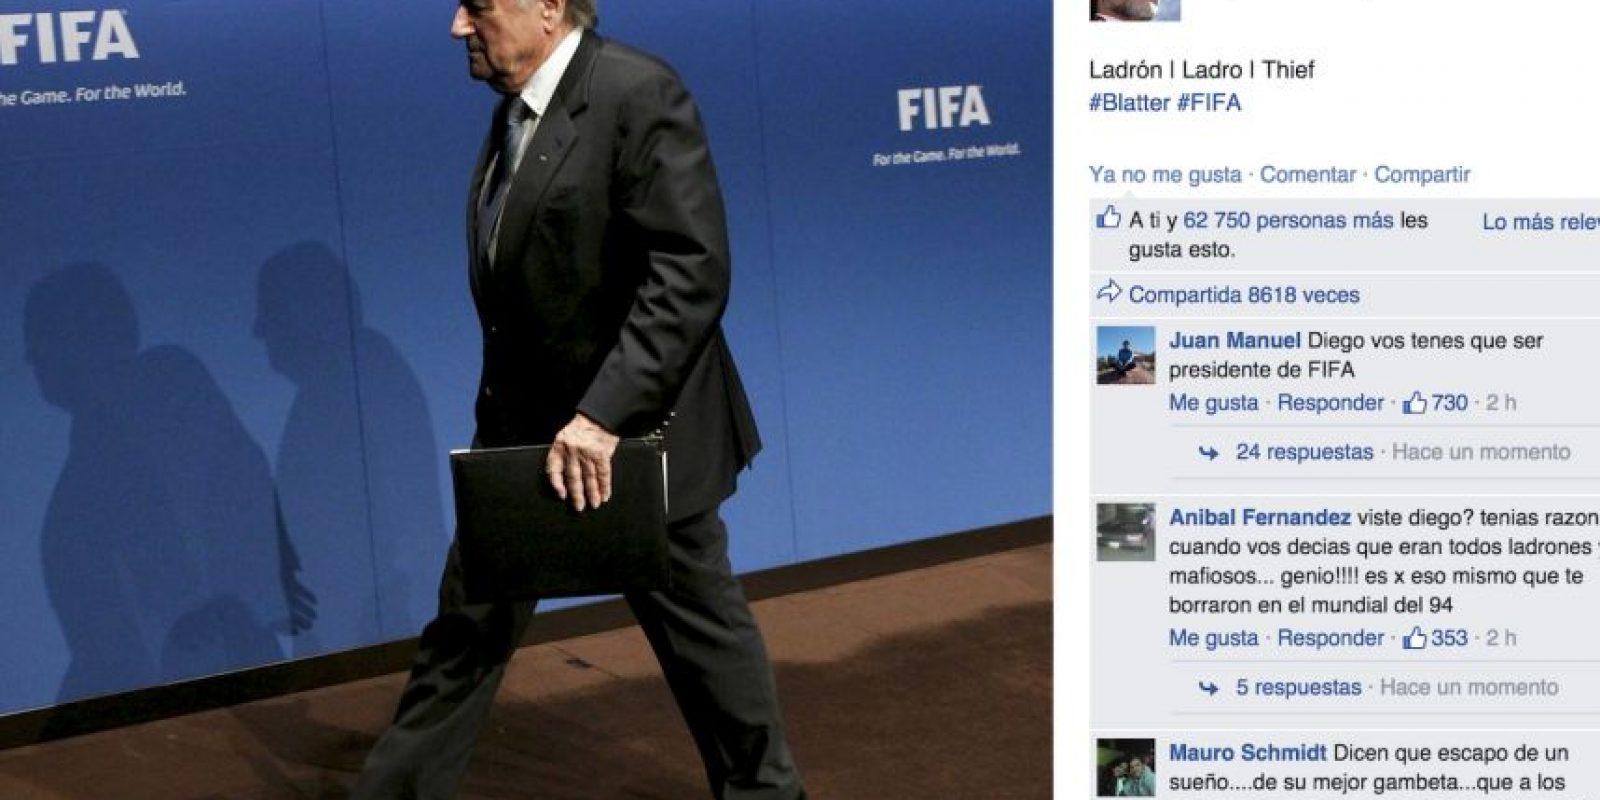 Esta fue la publicación del exfutbolista argentino Foto:Vía facebook.com/DiegoMaradonaOficial